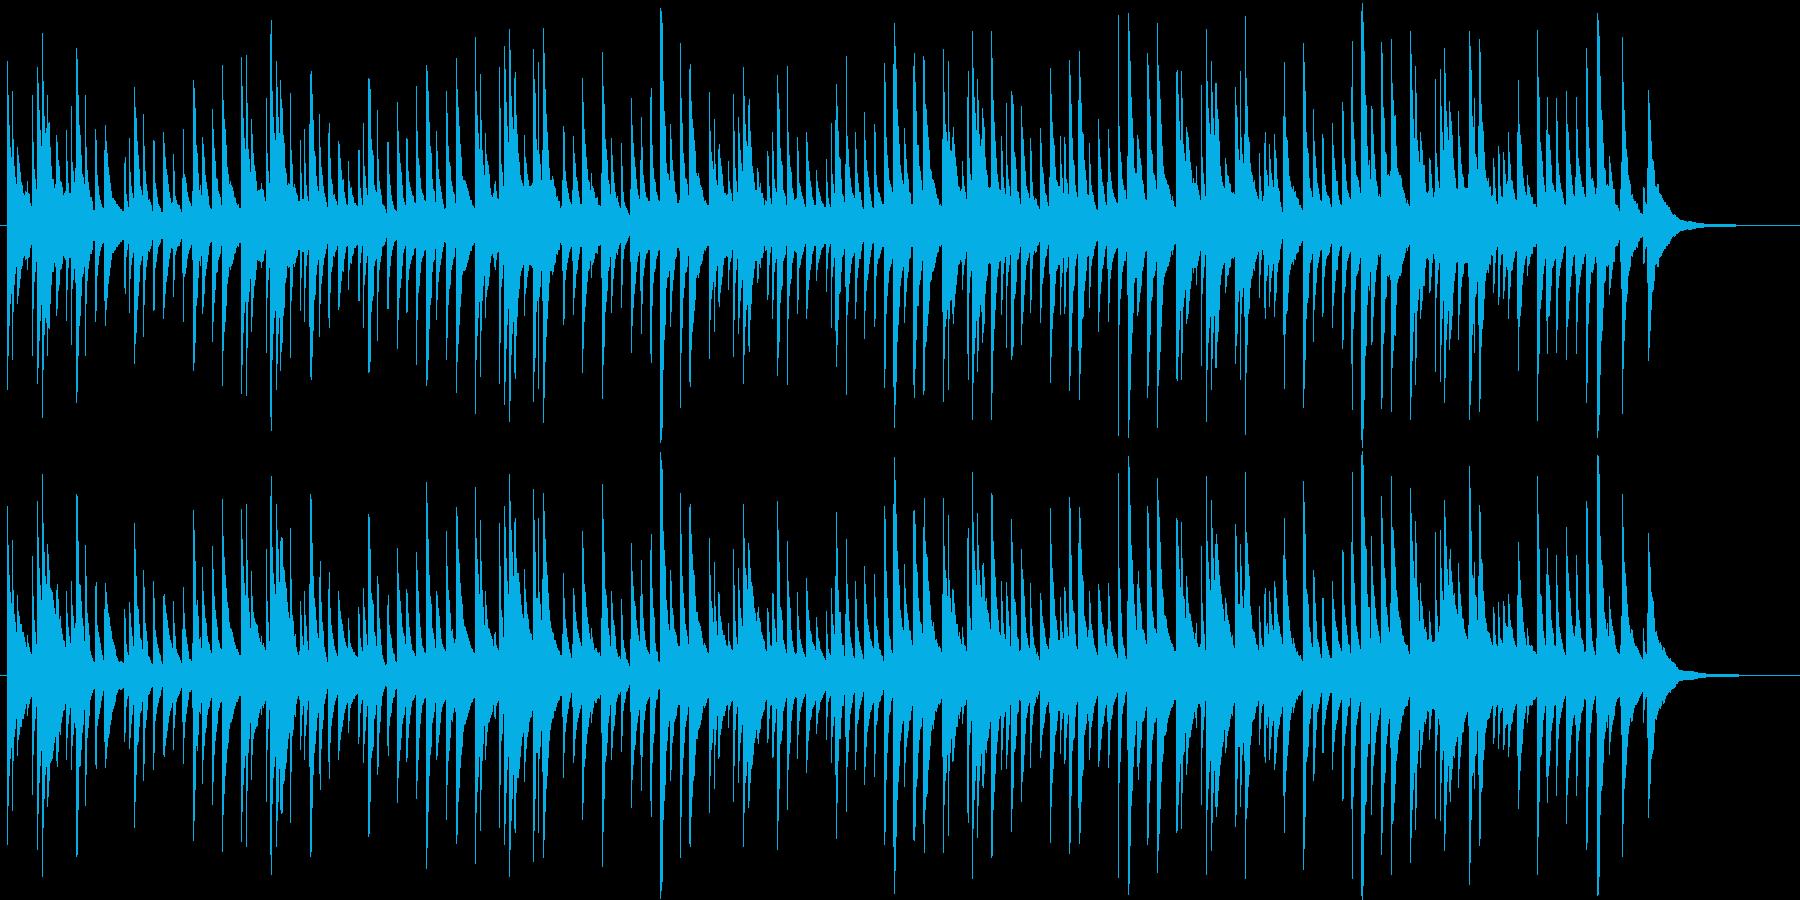 有名クリスマス曲・オルゴールアレンジの再生済みの波形